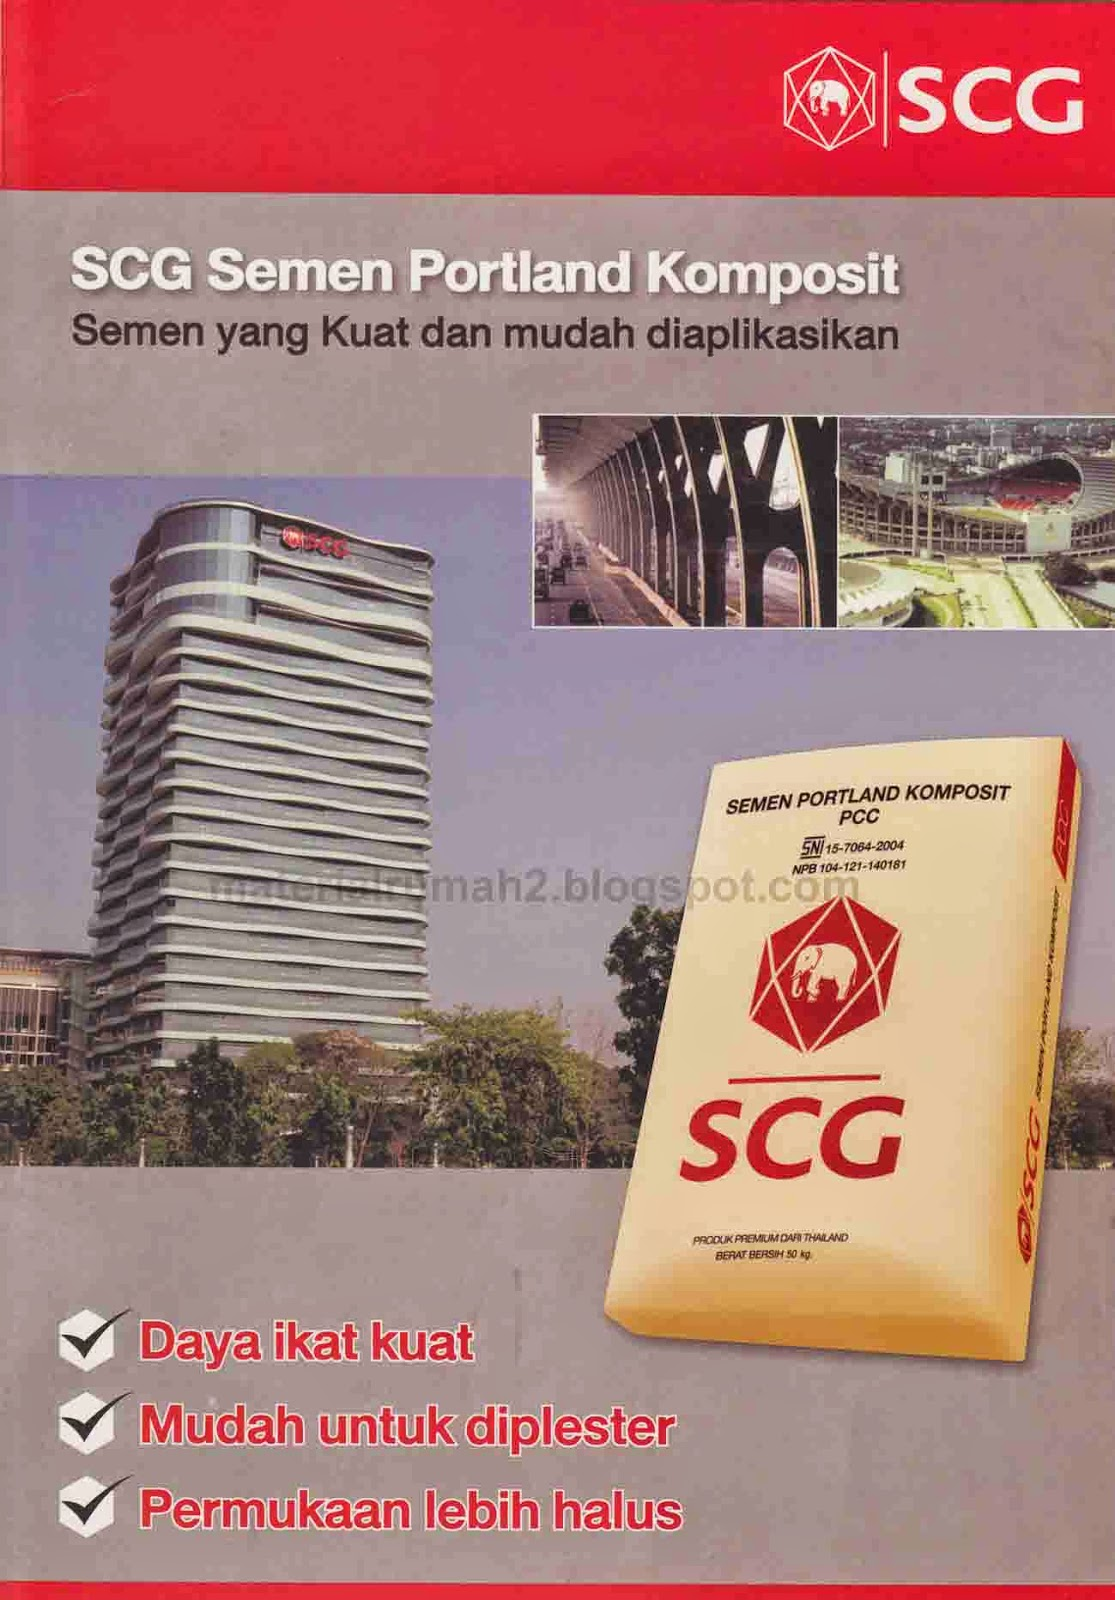 Semen Portland Komposit SCG